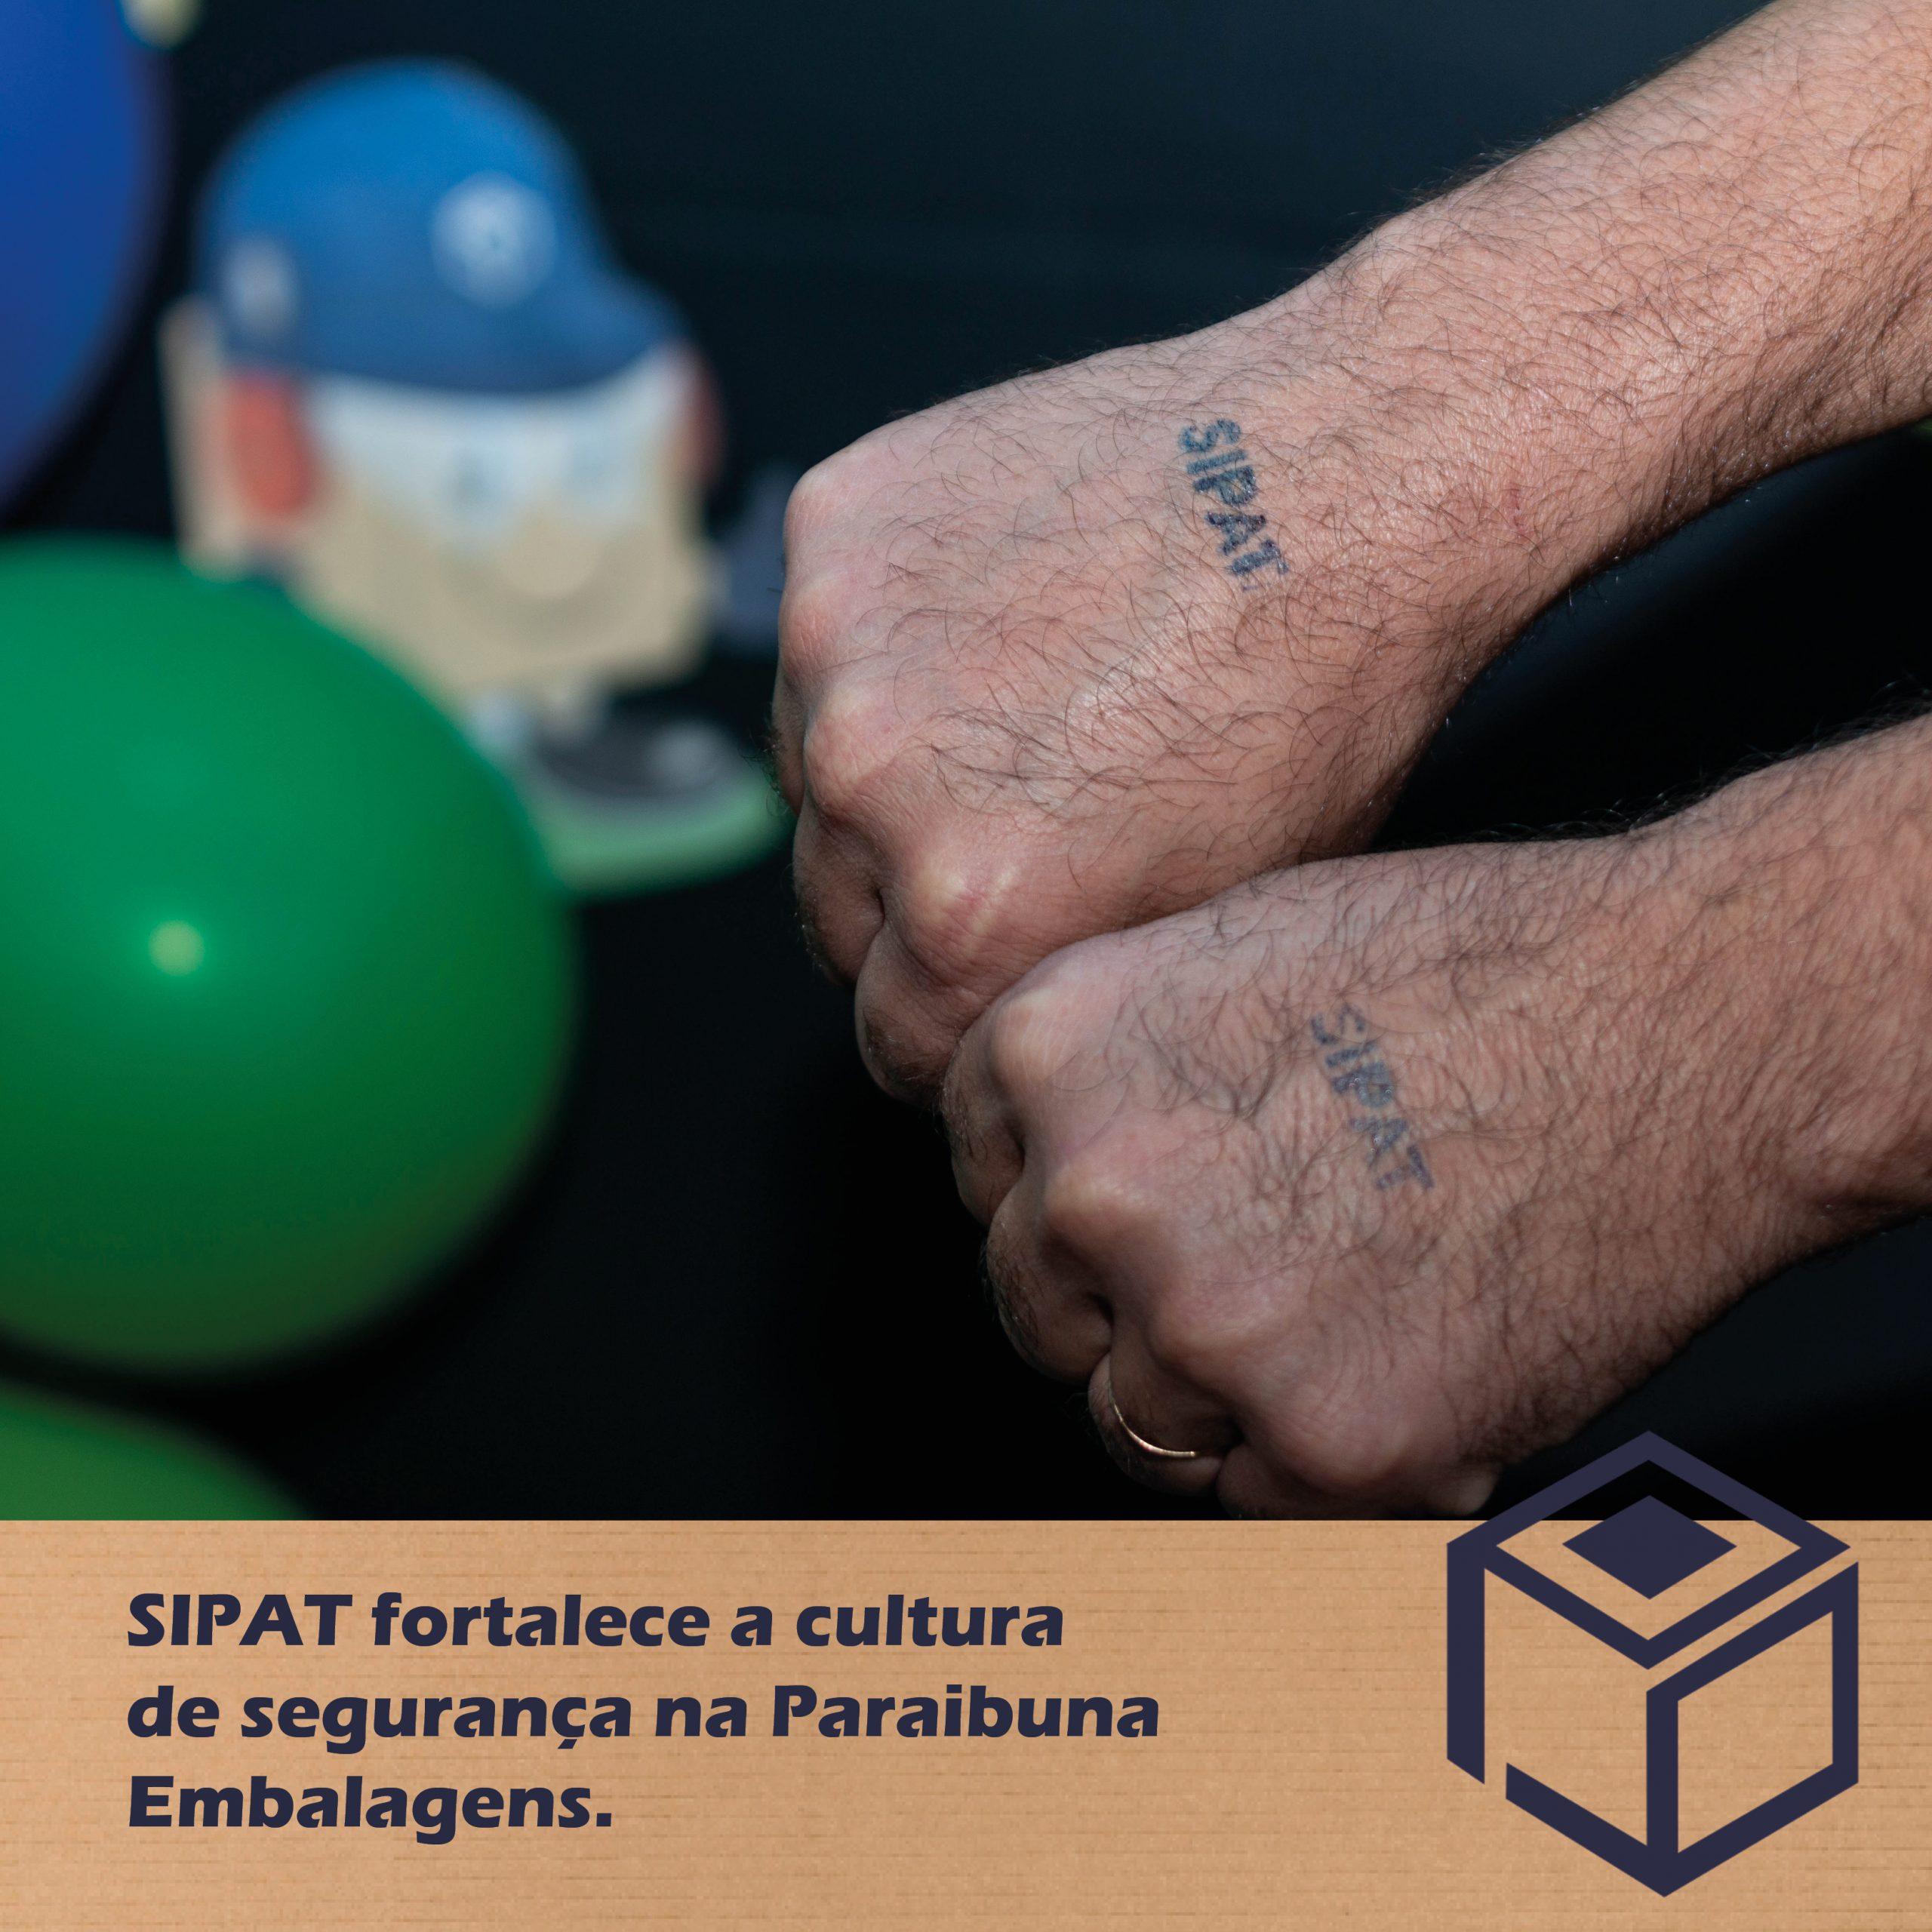 SIPAT fortalece a cultura de segurança na Paraibuna Embalagens.